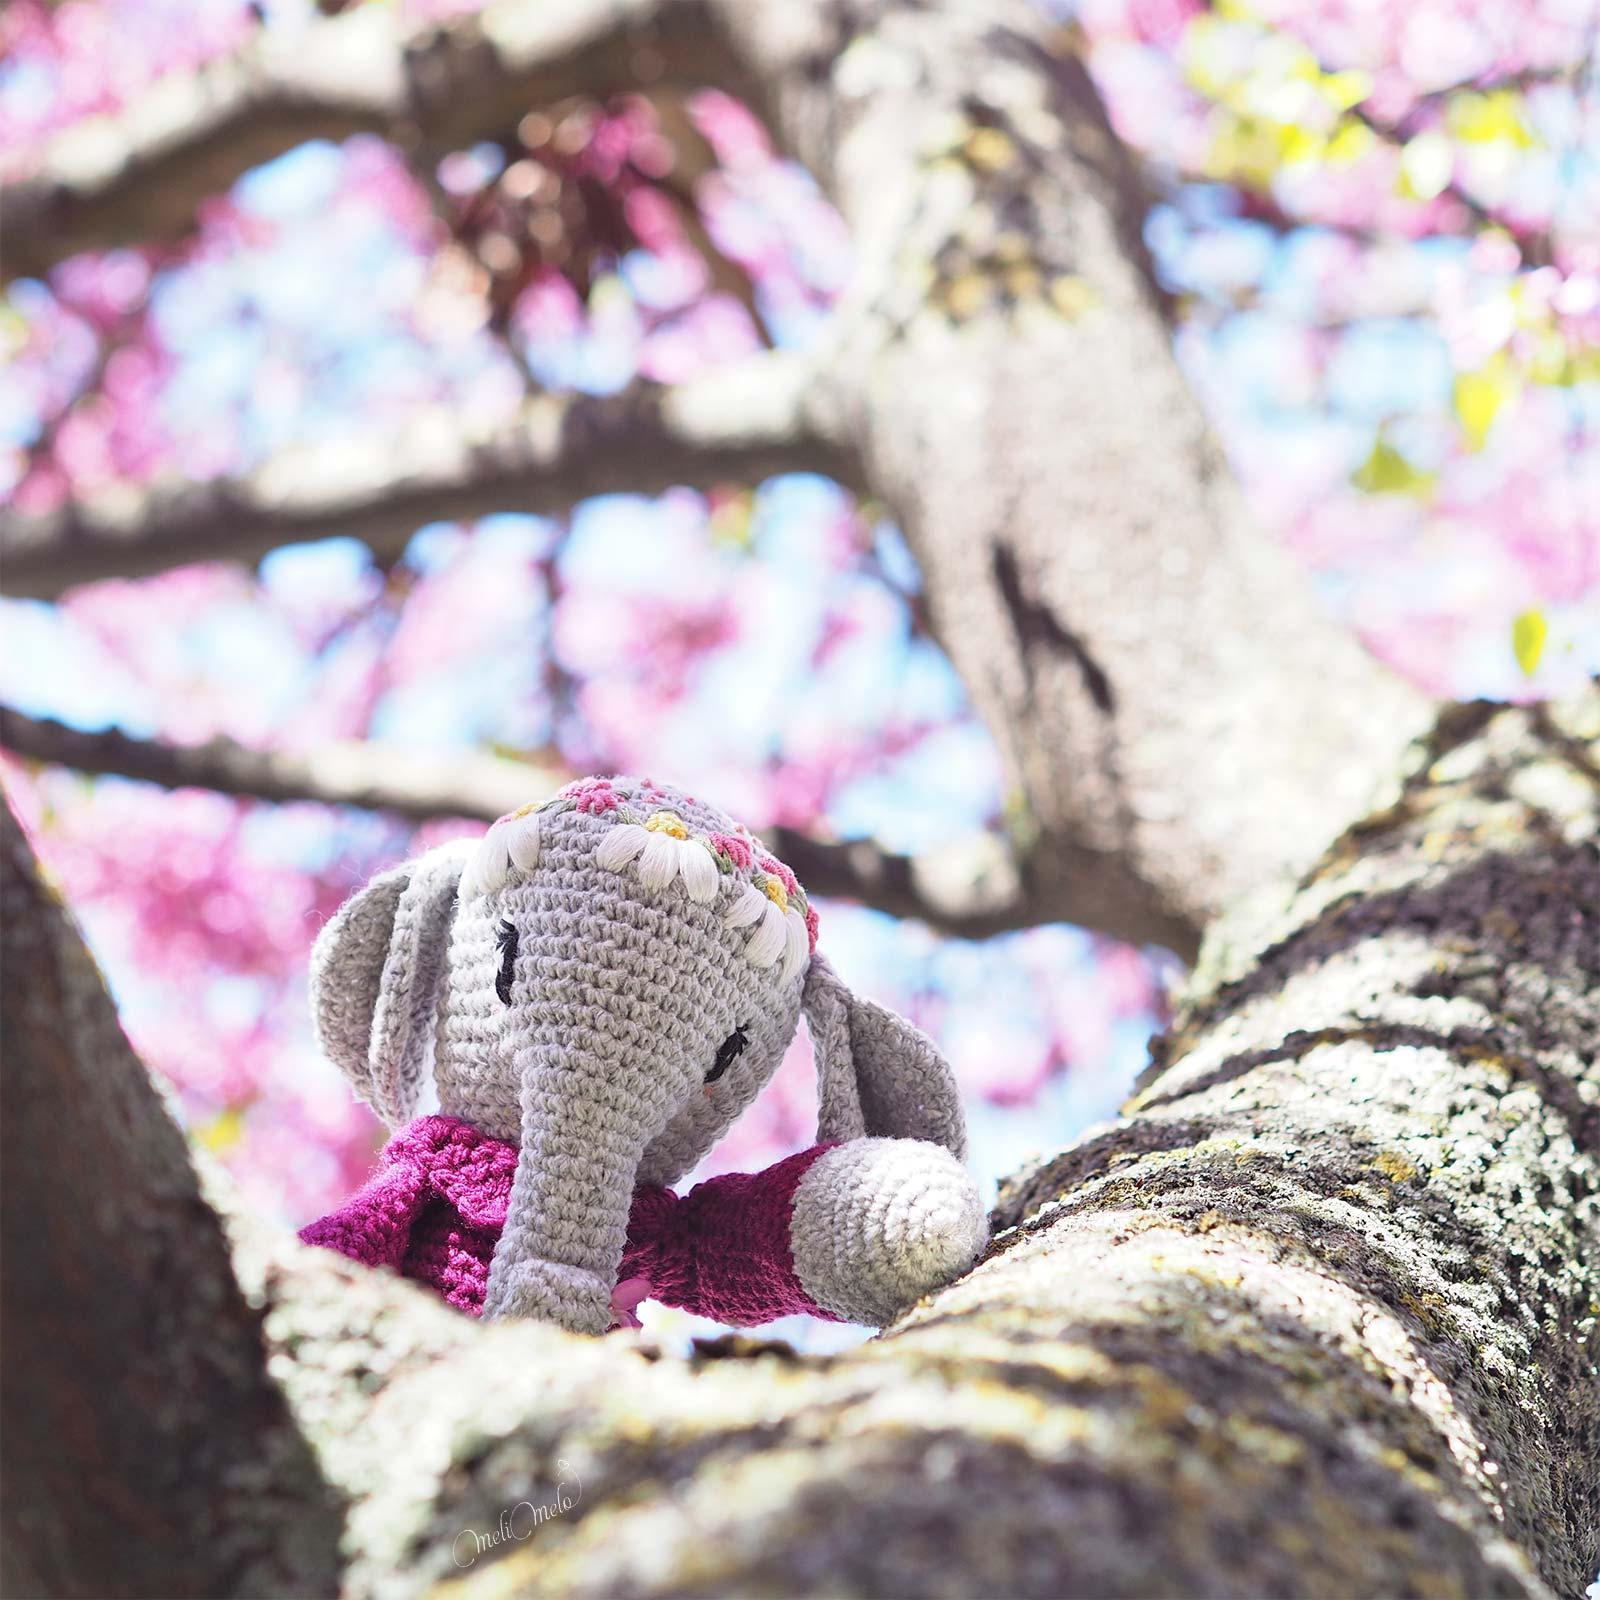 doudou-amigurumi-elephant-crochet-framboise-couronne-fleurs-laboutiquedemelimelo